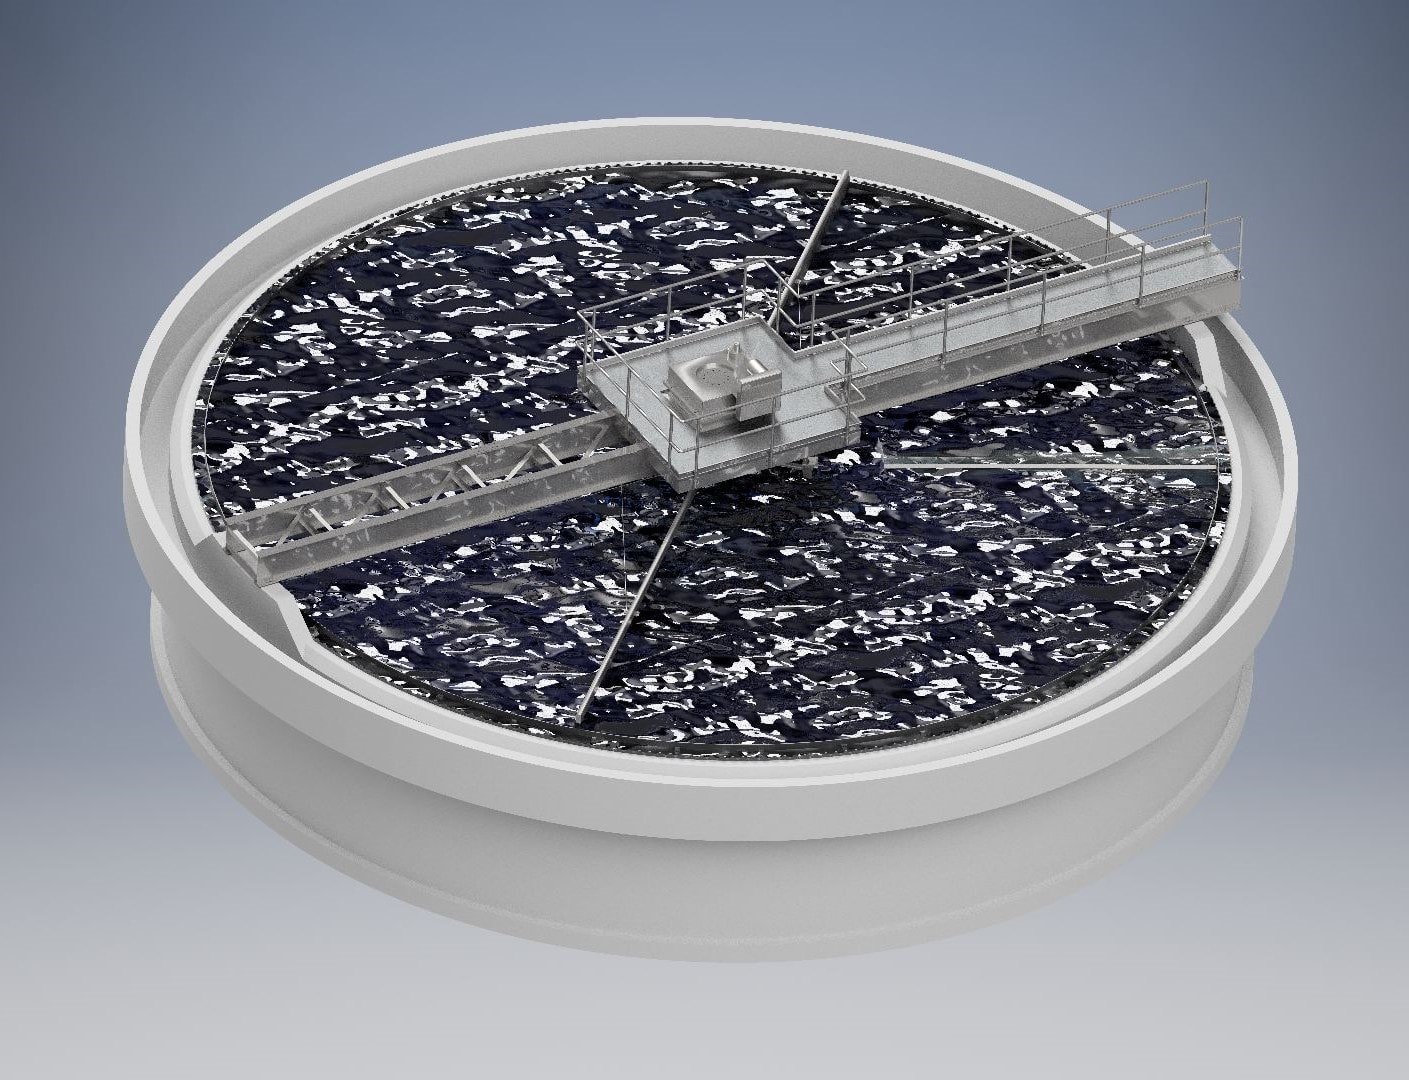 50270-100-45 (Water) X-min